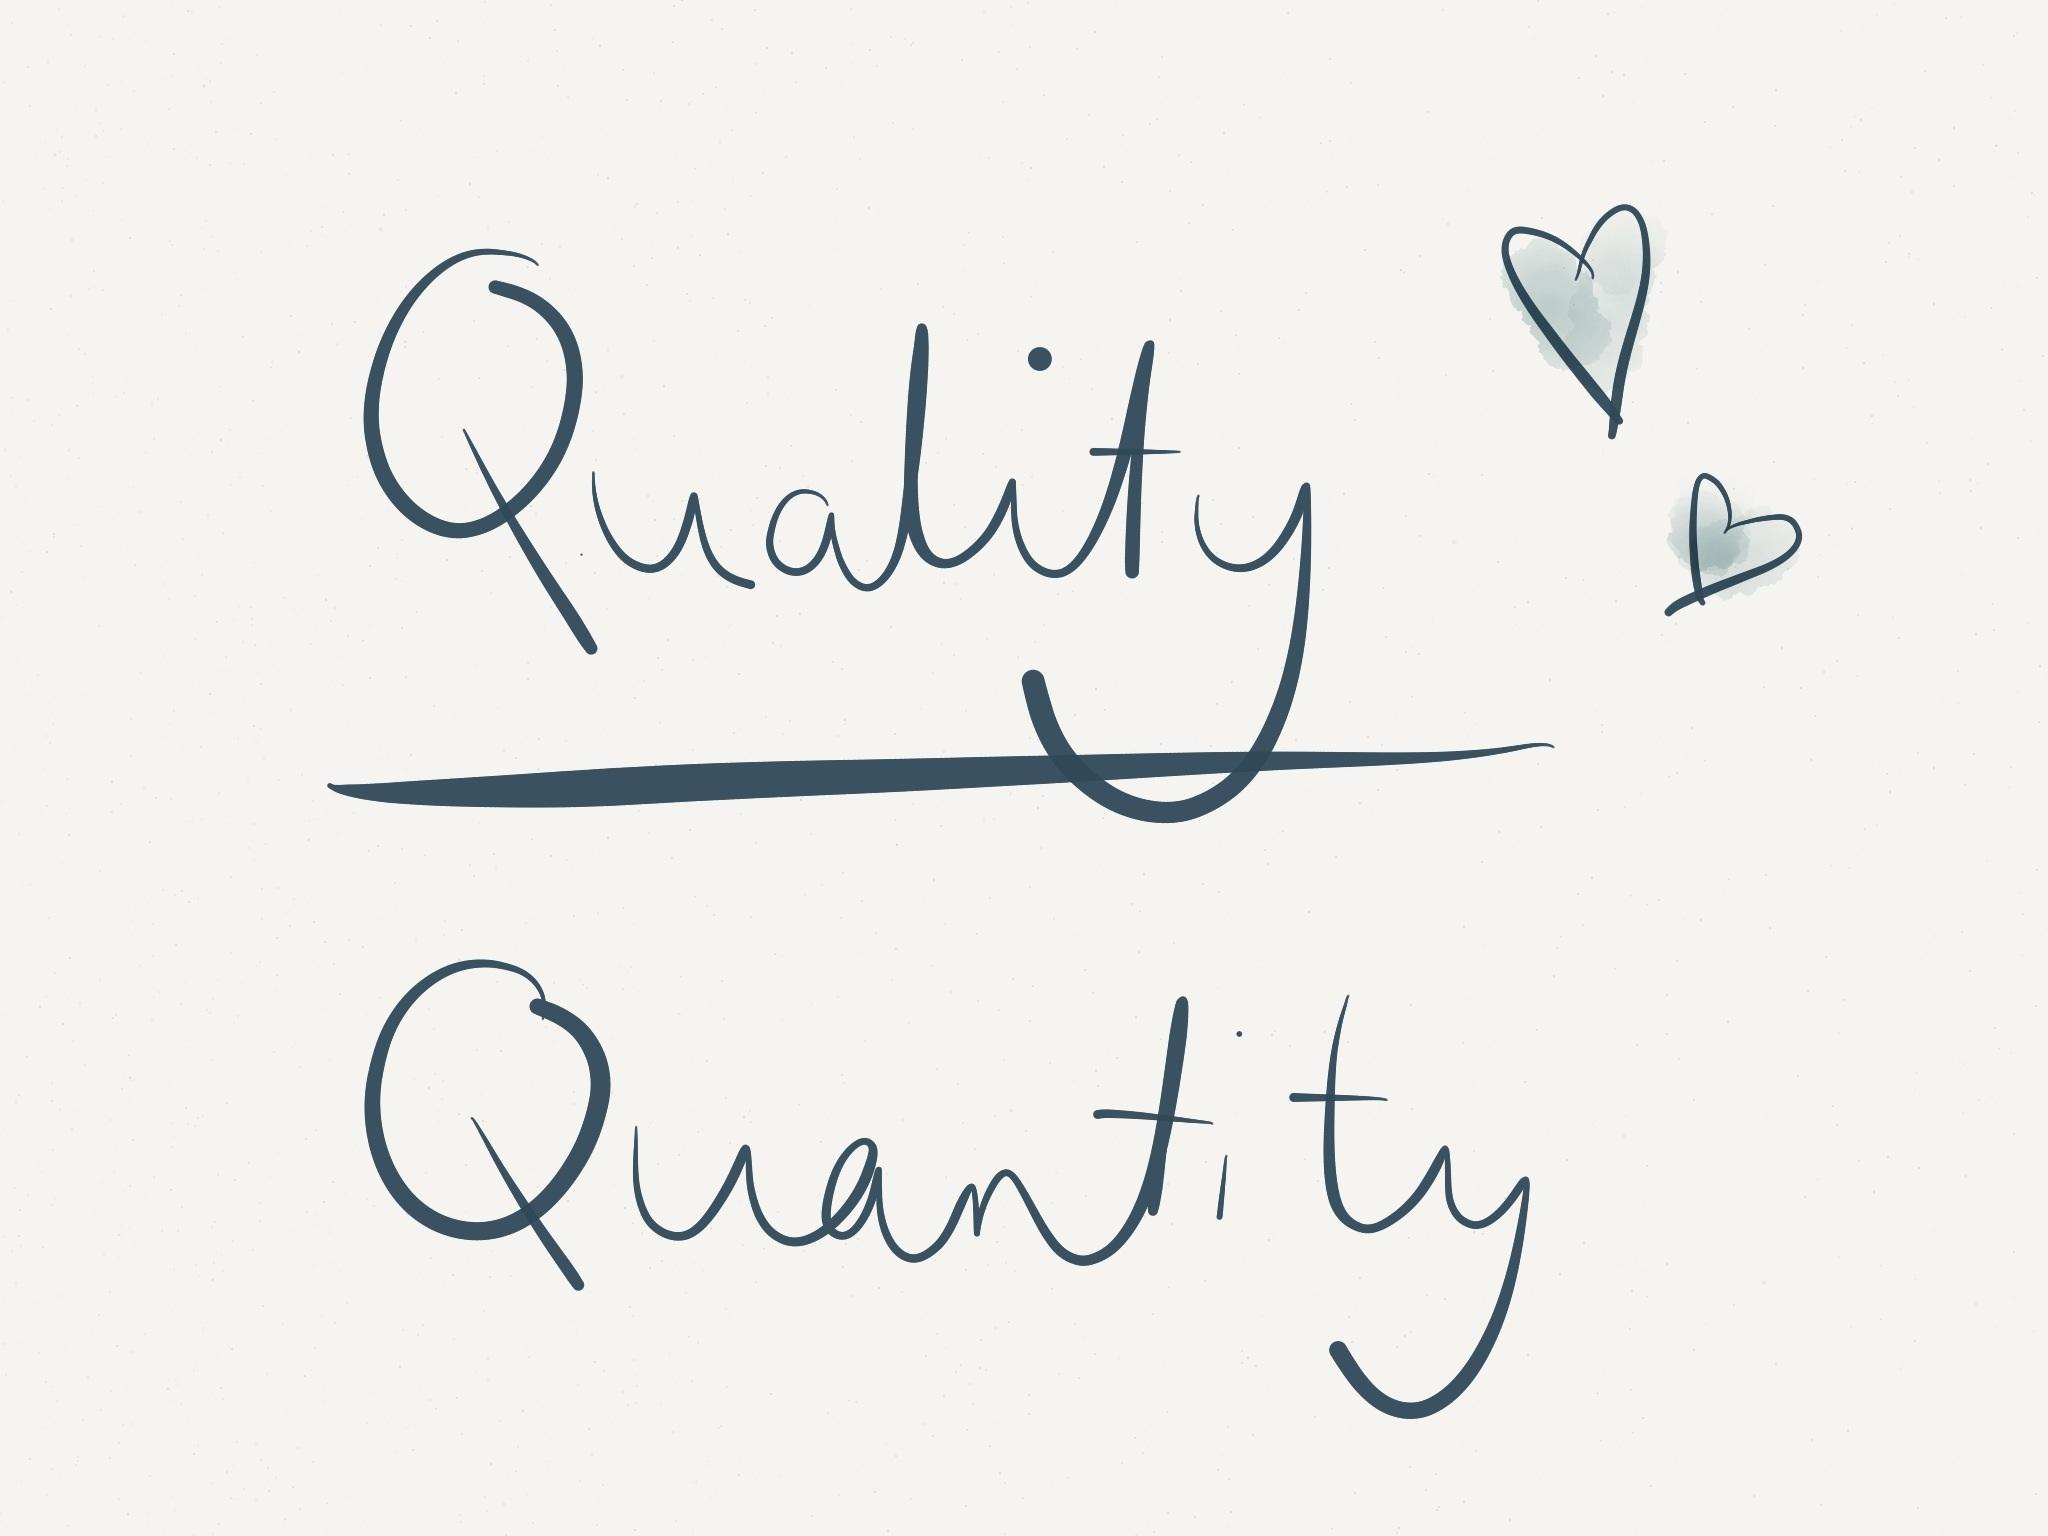 کیفیت یا کمیت؟ کدام در تولید محتوا مهمتر است؟